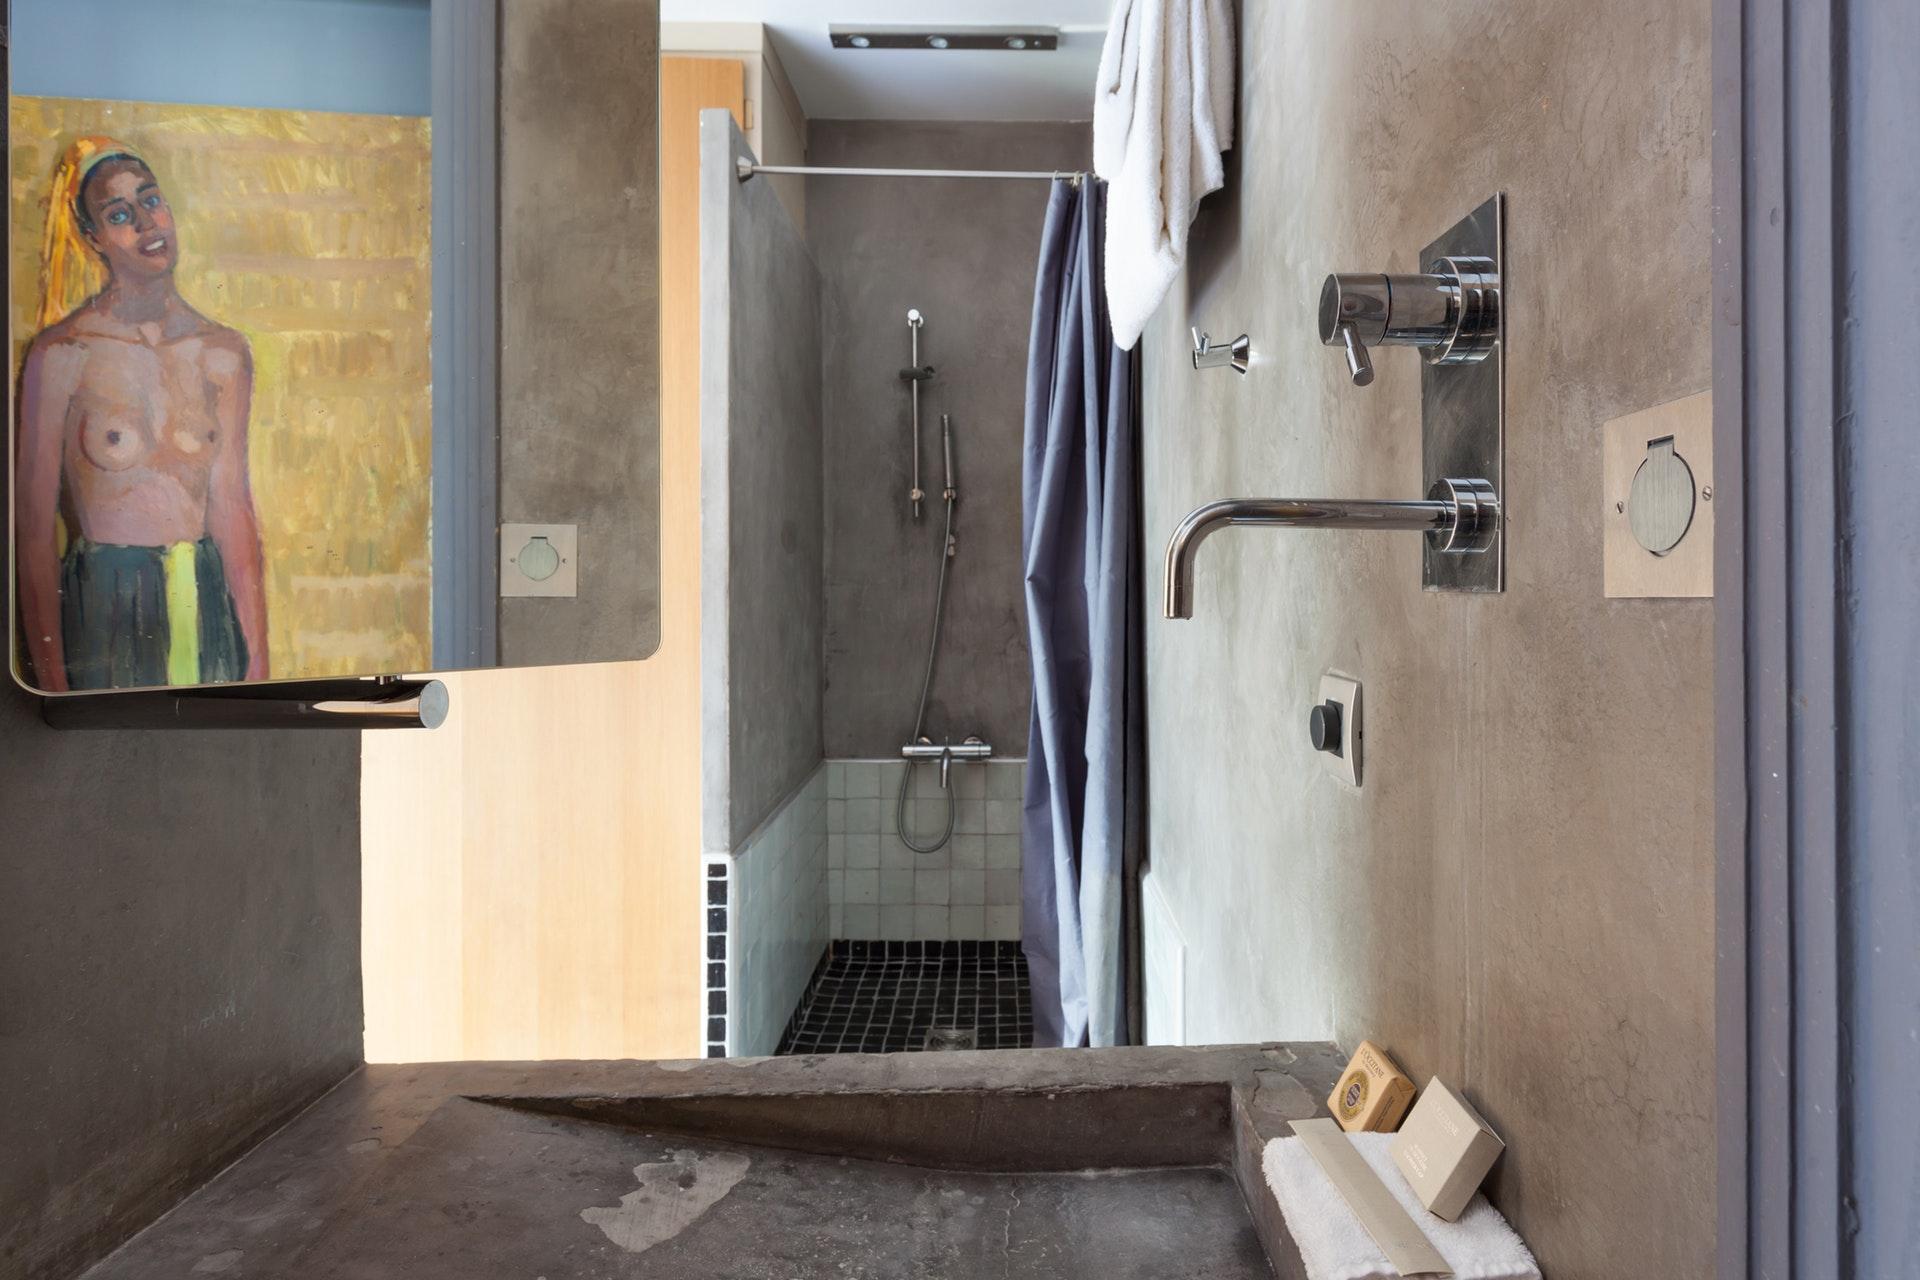 душевая душ трап бетон раковина